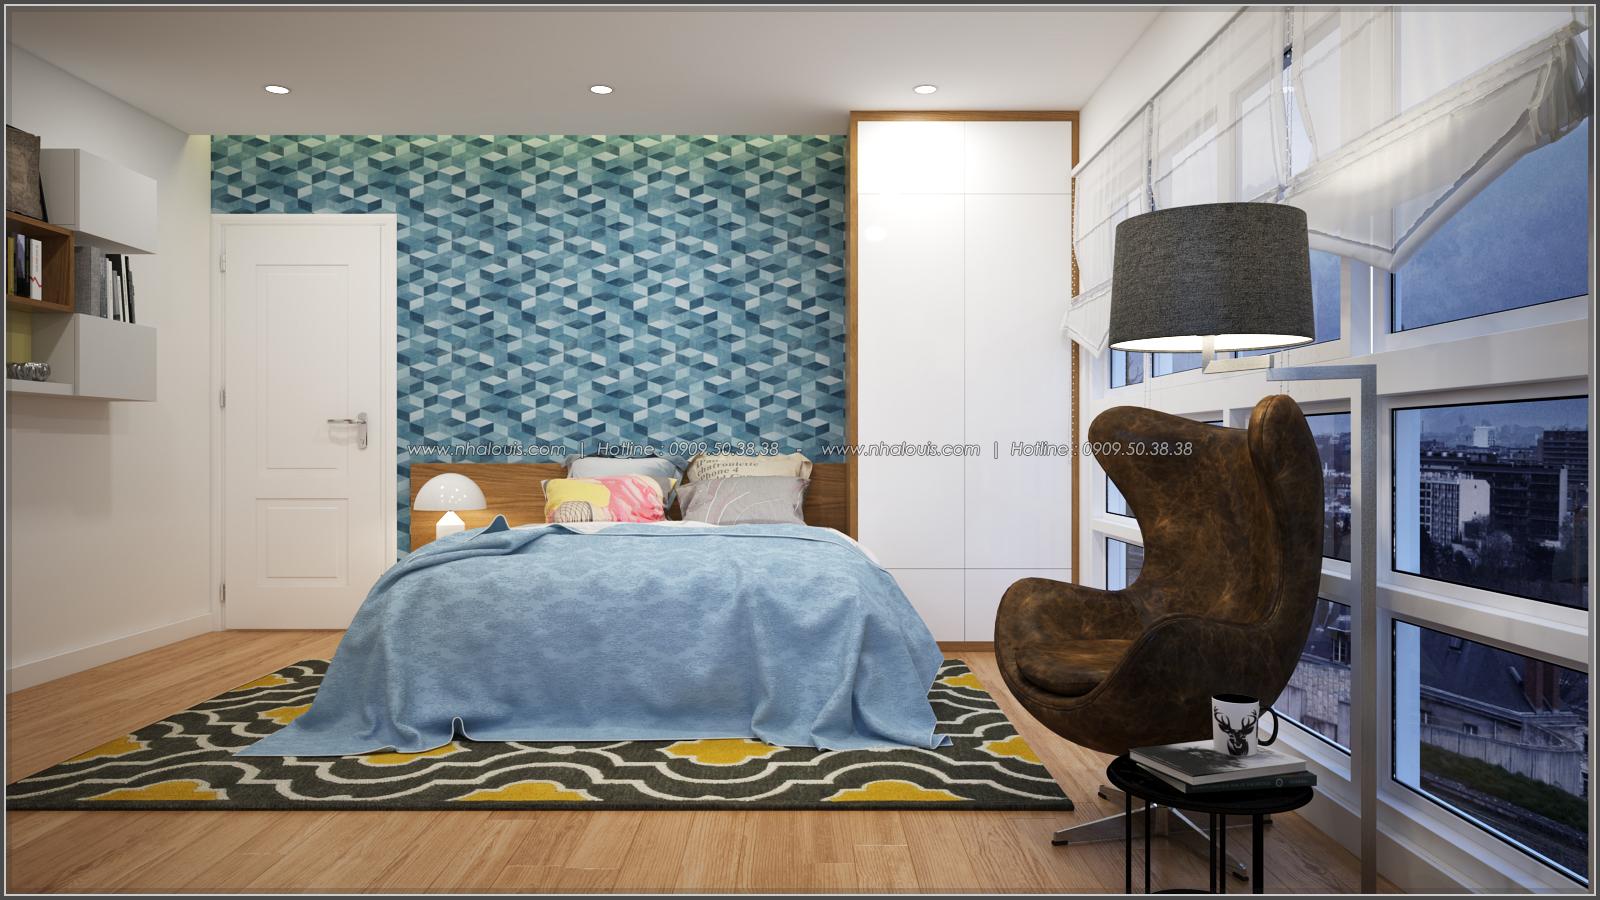 Thiết kế căn hộ chung cư 3 phòng ngủ Happy Valley quận 7 - 12